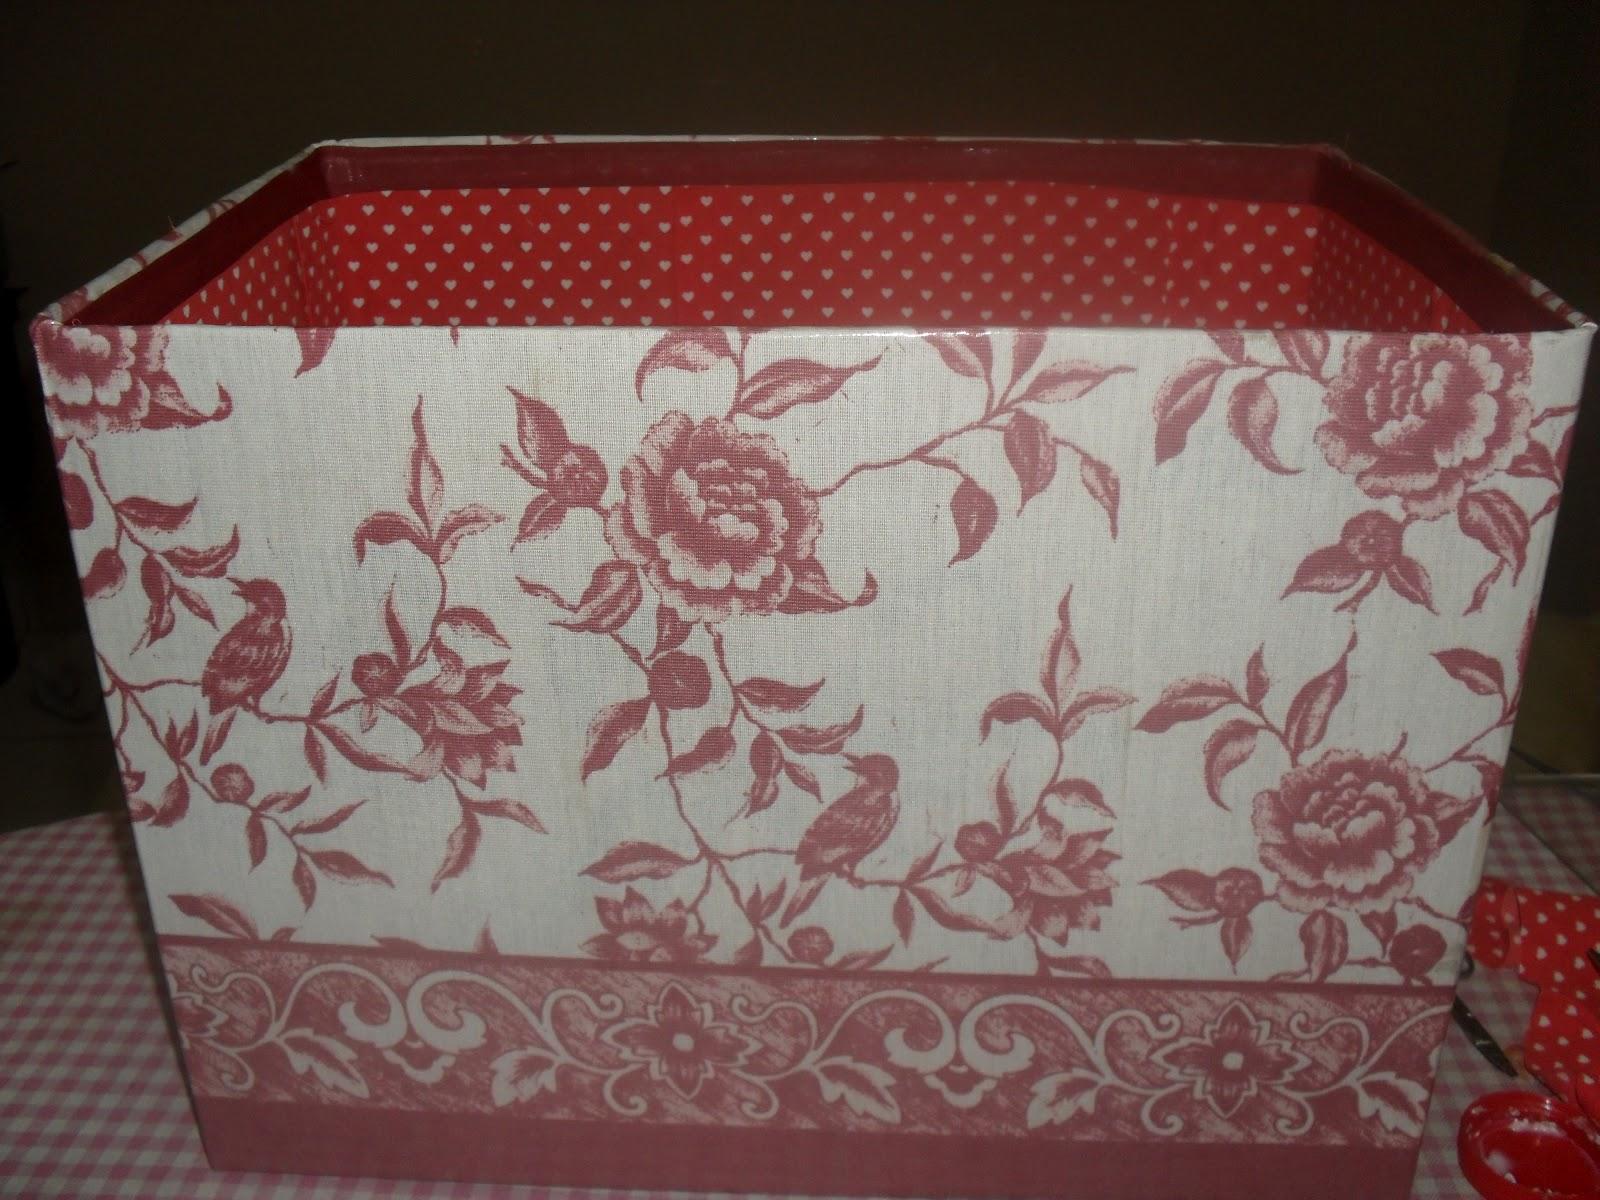 Artesanato: Caixa papelão reciclada forrada com tecido e contact #261811 1600x1200